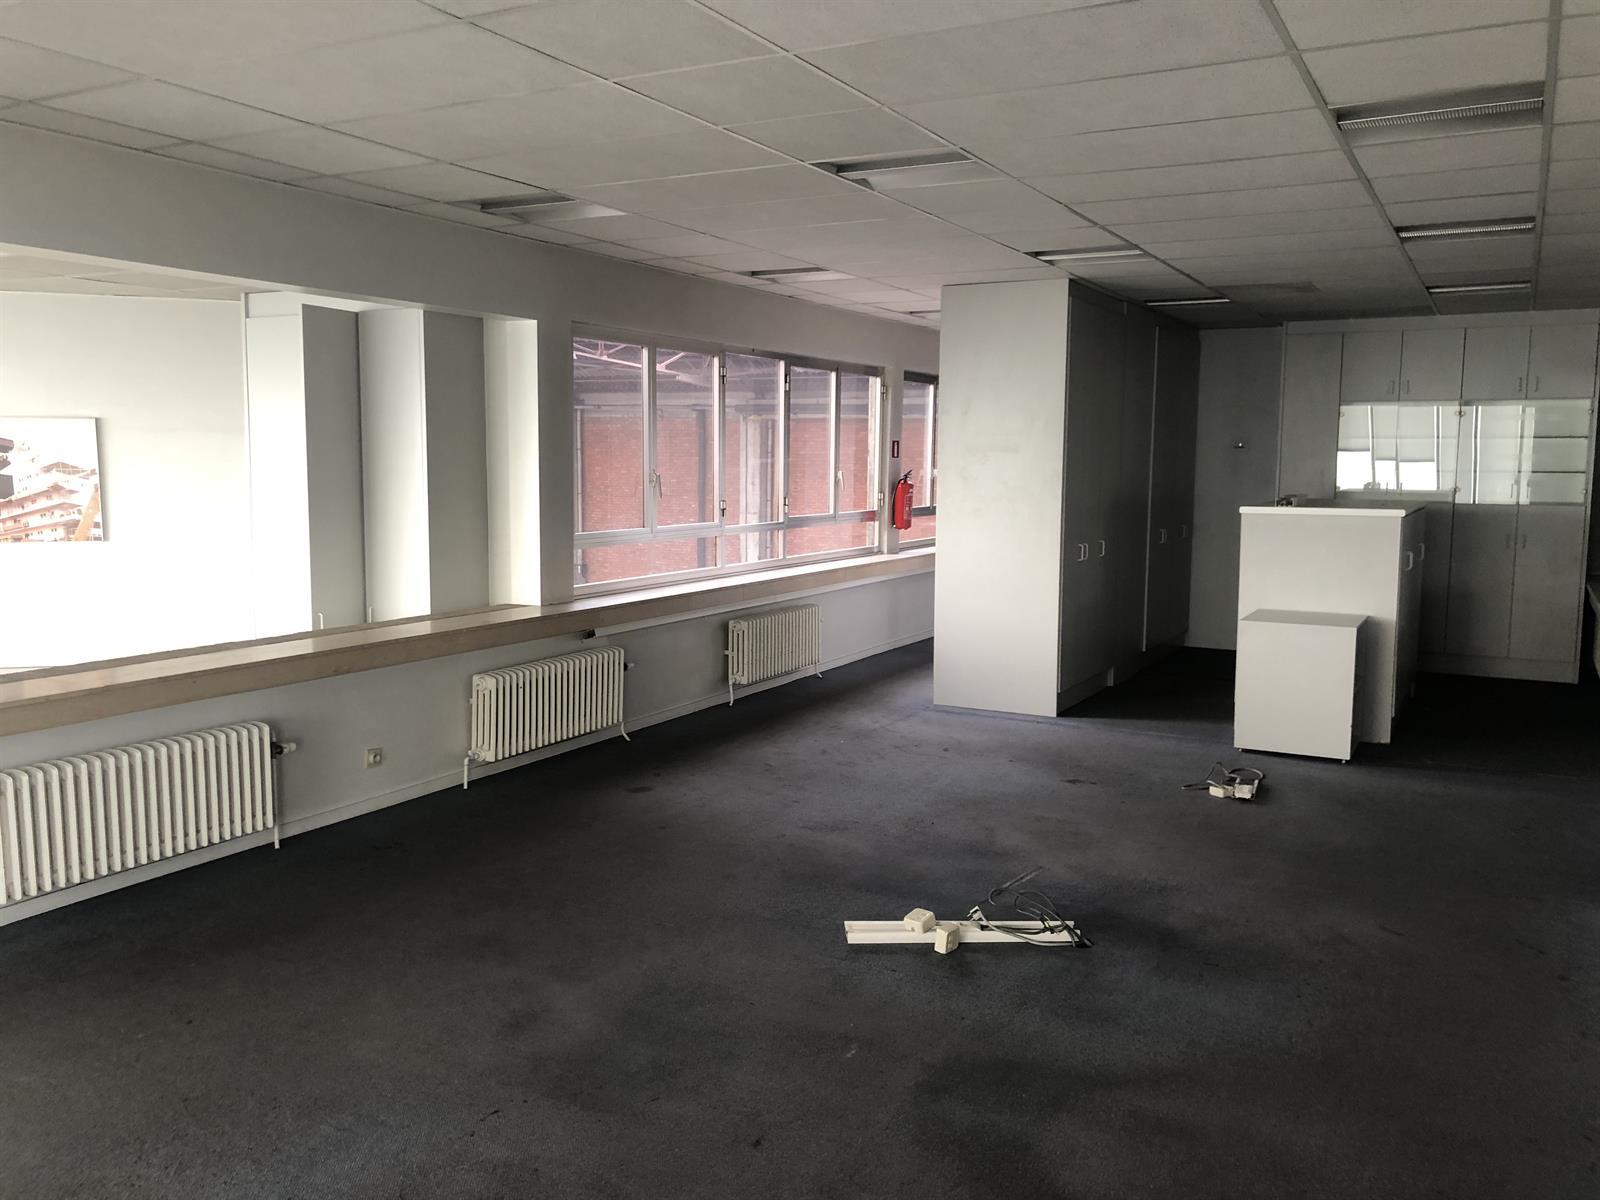 kantoor te huur K001 - Wilmarsdonksteenweg 11, 2030 Antwerpen, België 12